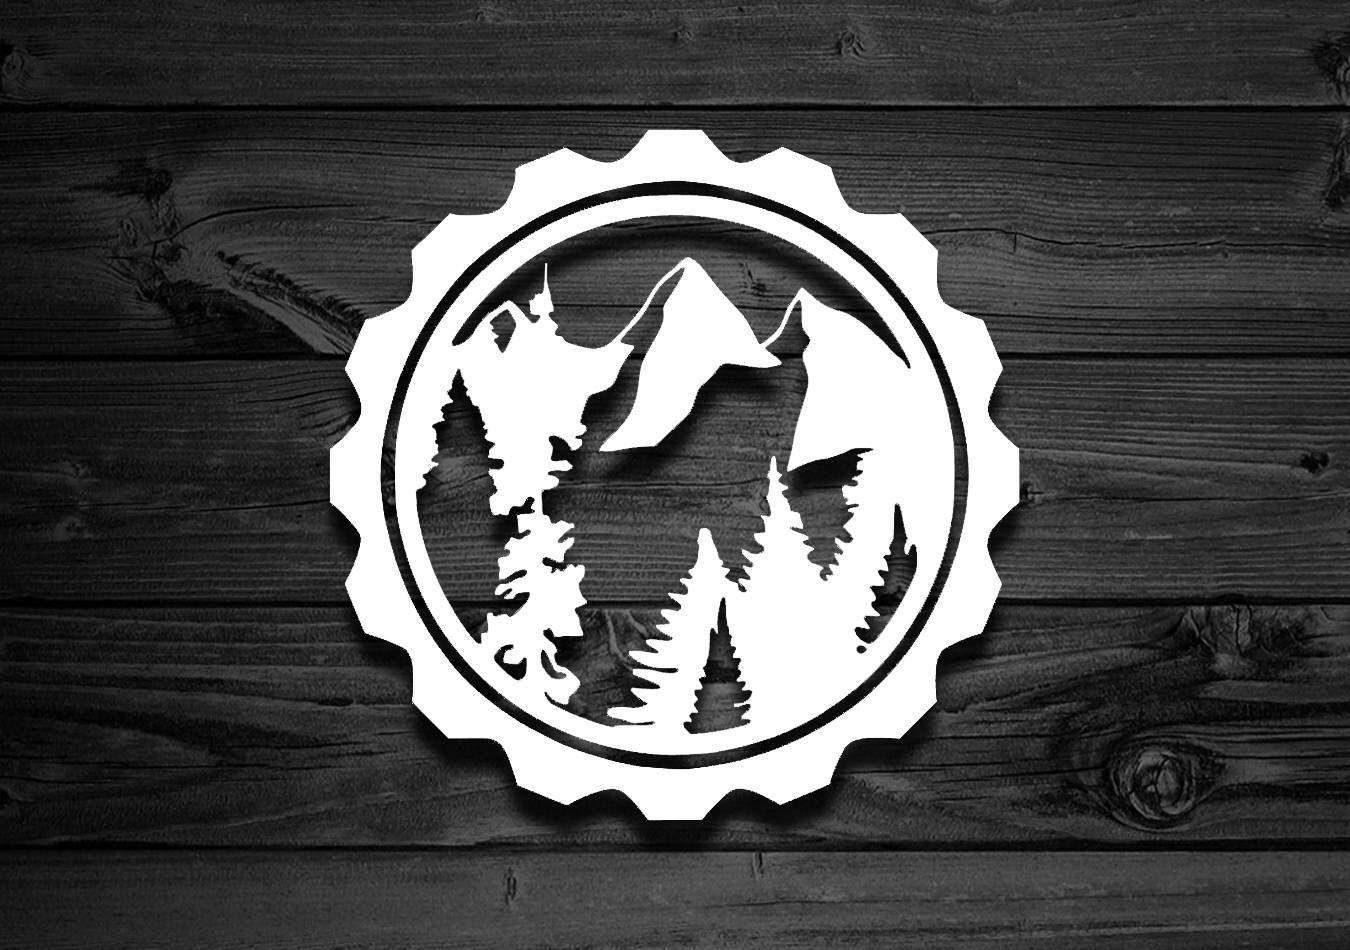 Mountain Vinyl Decal, Car Decal, Outdoor Decal, Explorer